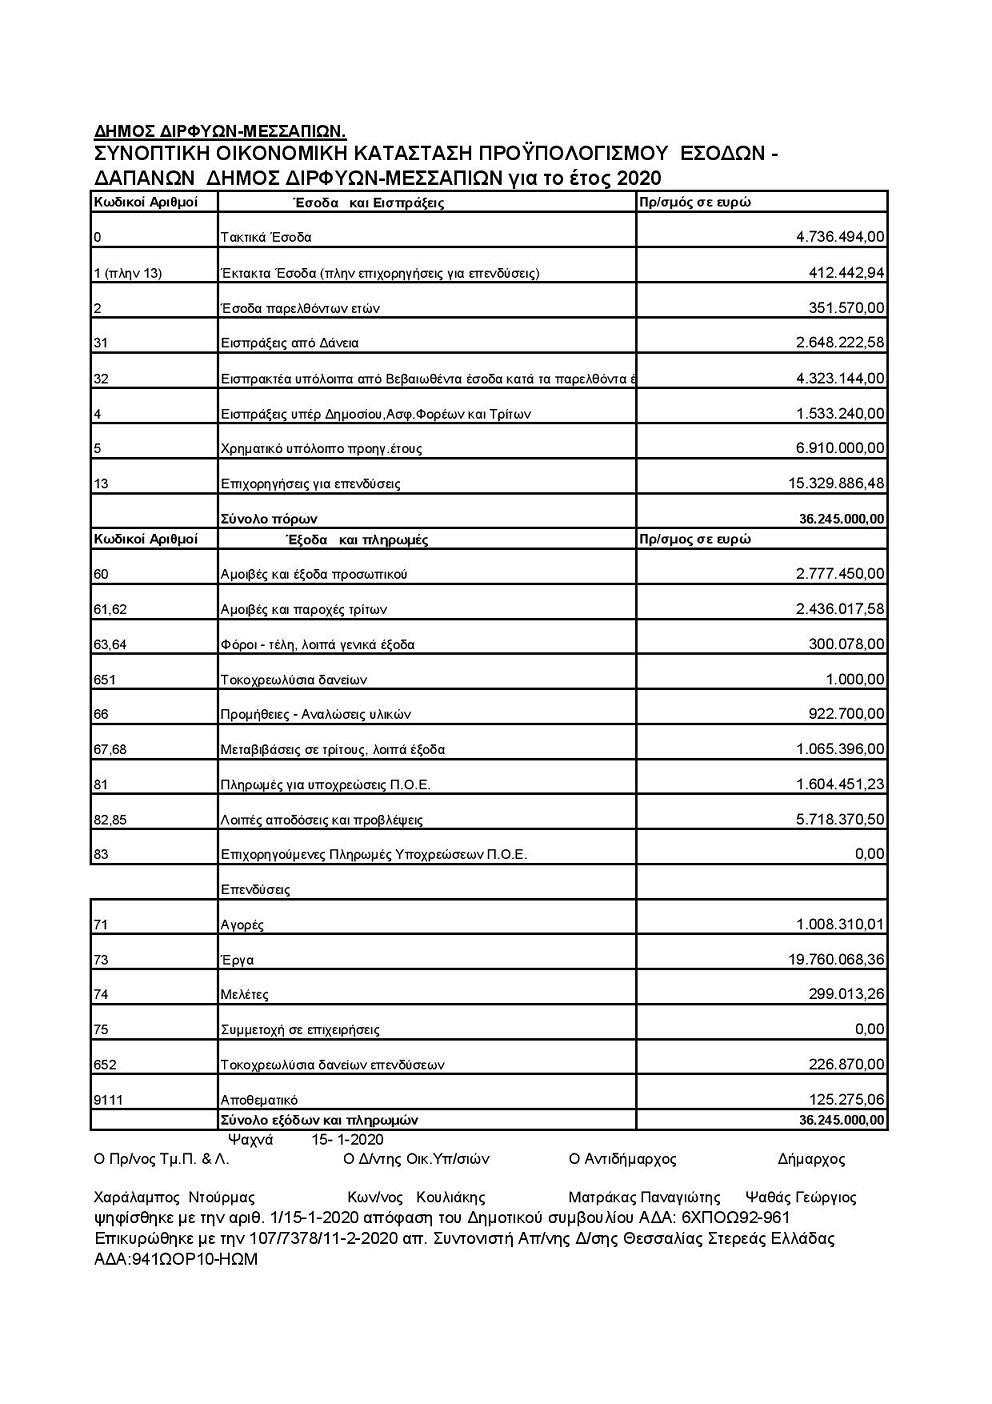 Συνοπτική κατάσταση Προϋπολογισμού 2020 Δήμου Διρφύων Μεσσαπίων Document page 001 1